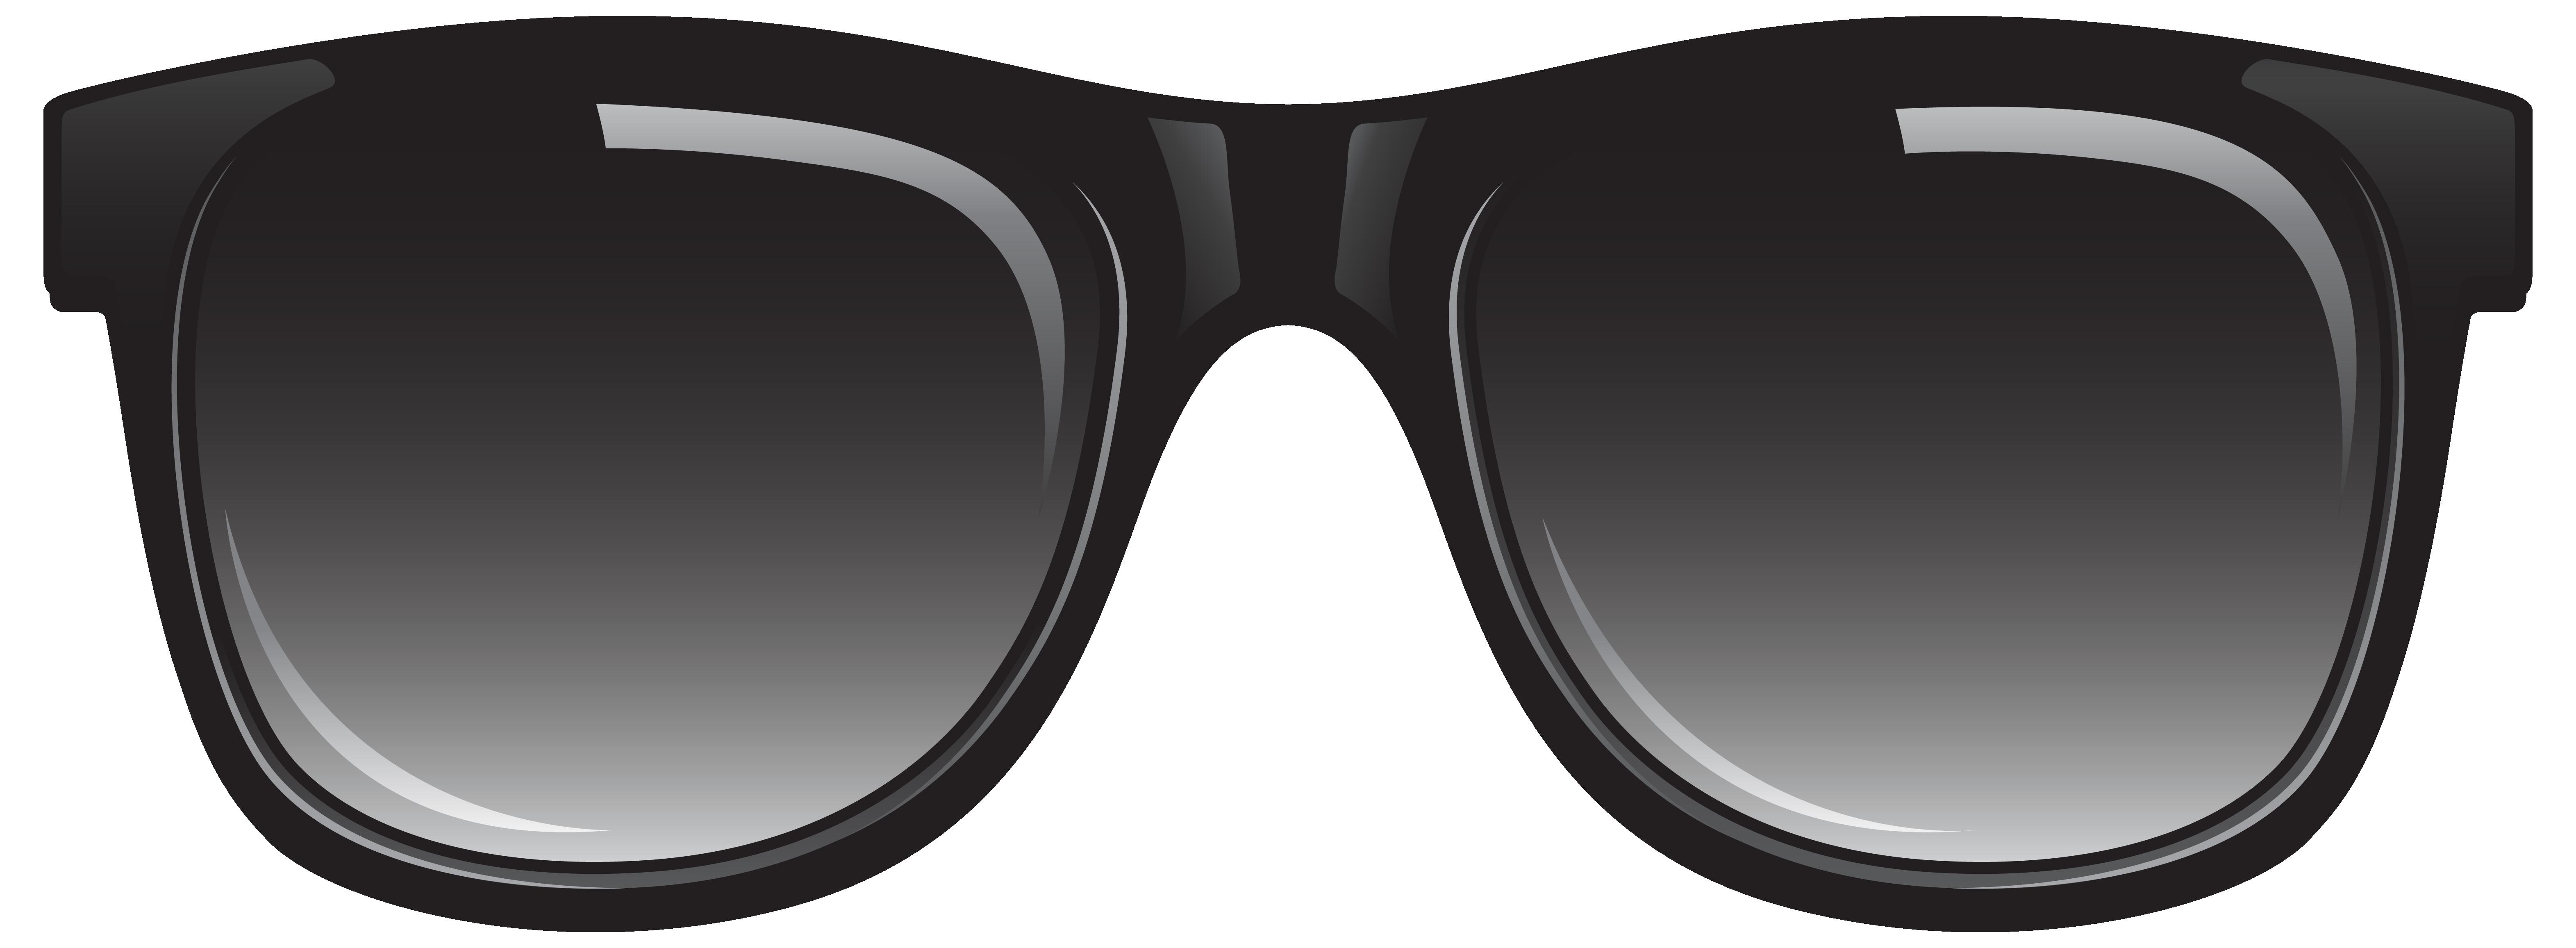 Aviator ray ban wayfarer. Sunglasses clipart stylish